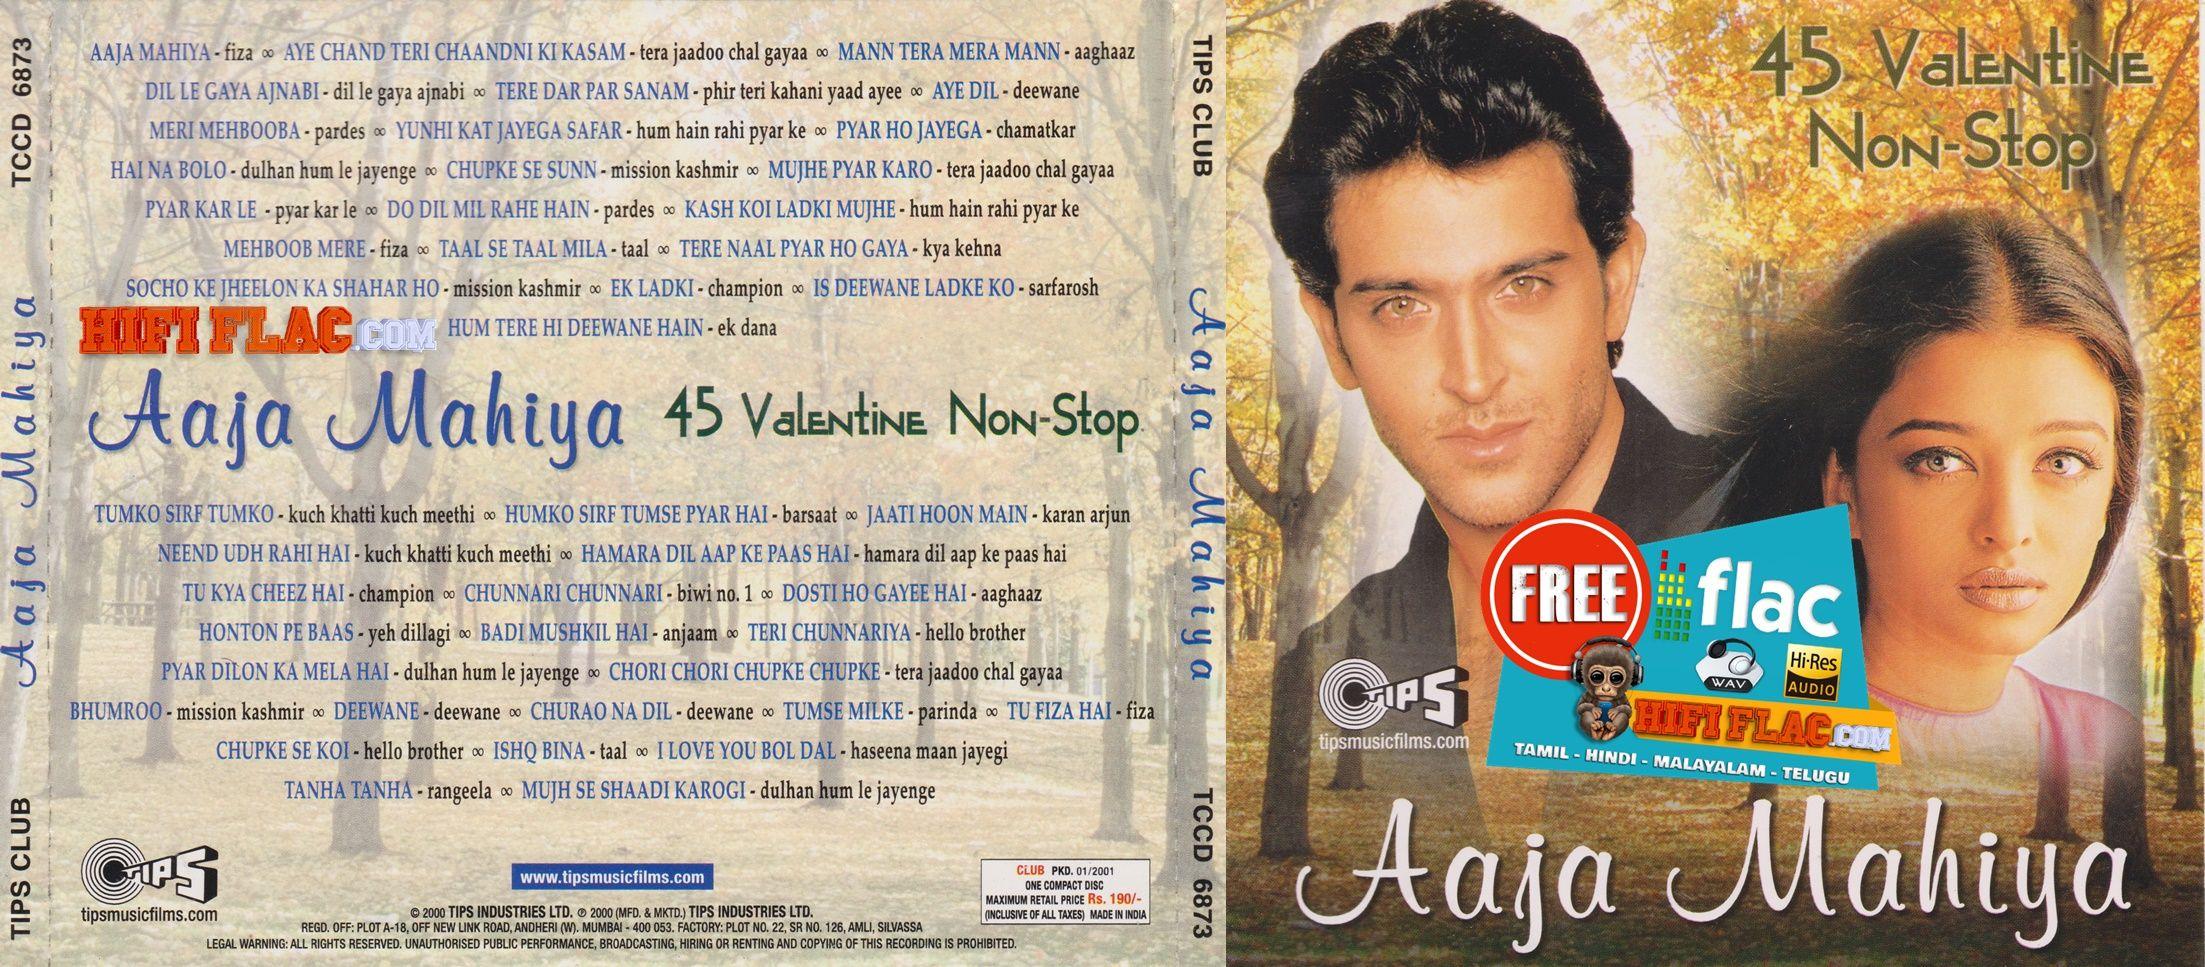 Aaja Mahiya 45 Non Stop Valentines Hits 2000 Hindi Acdrip Flac